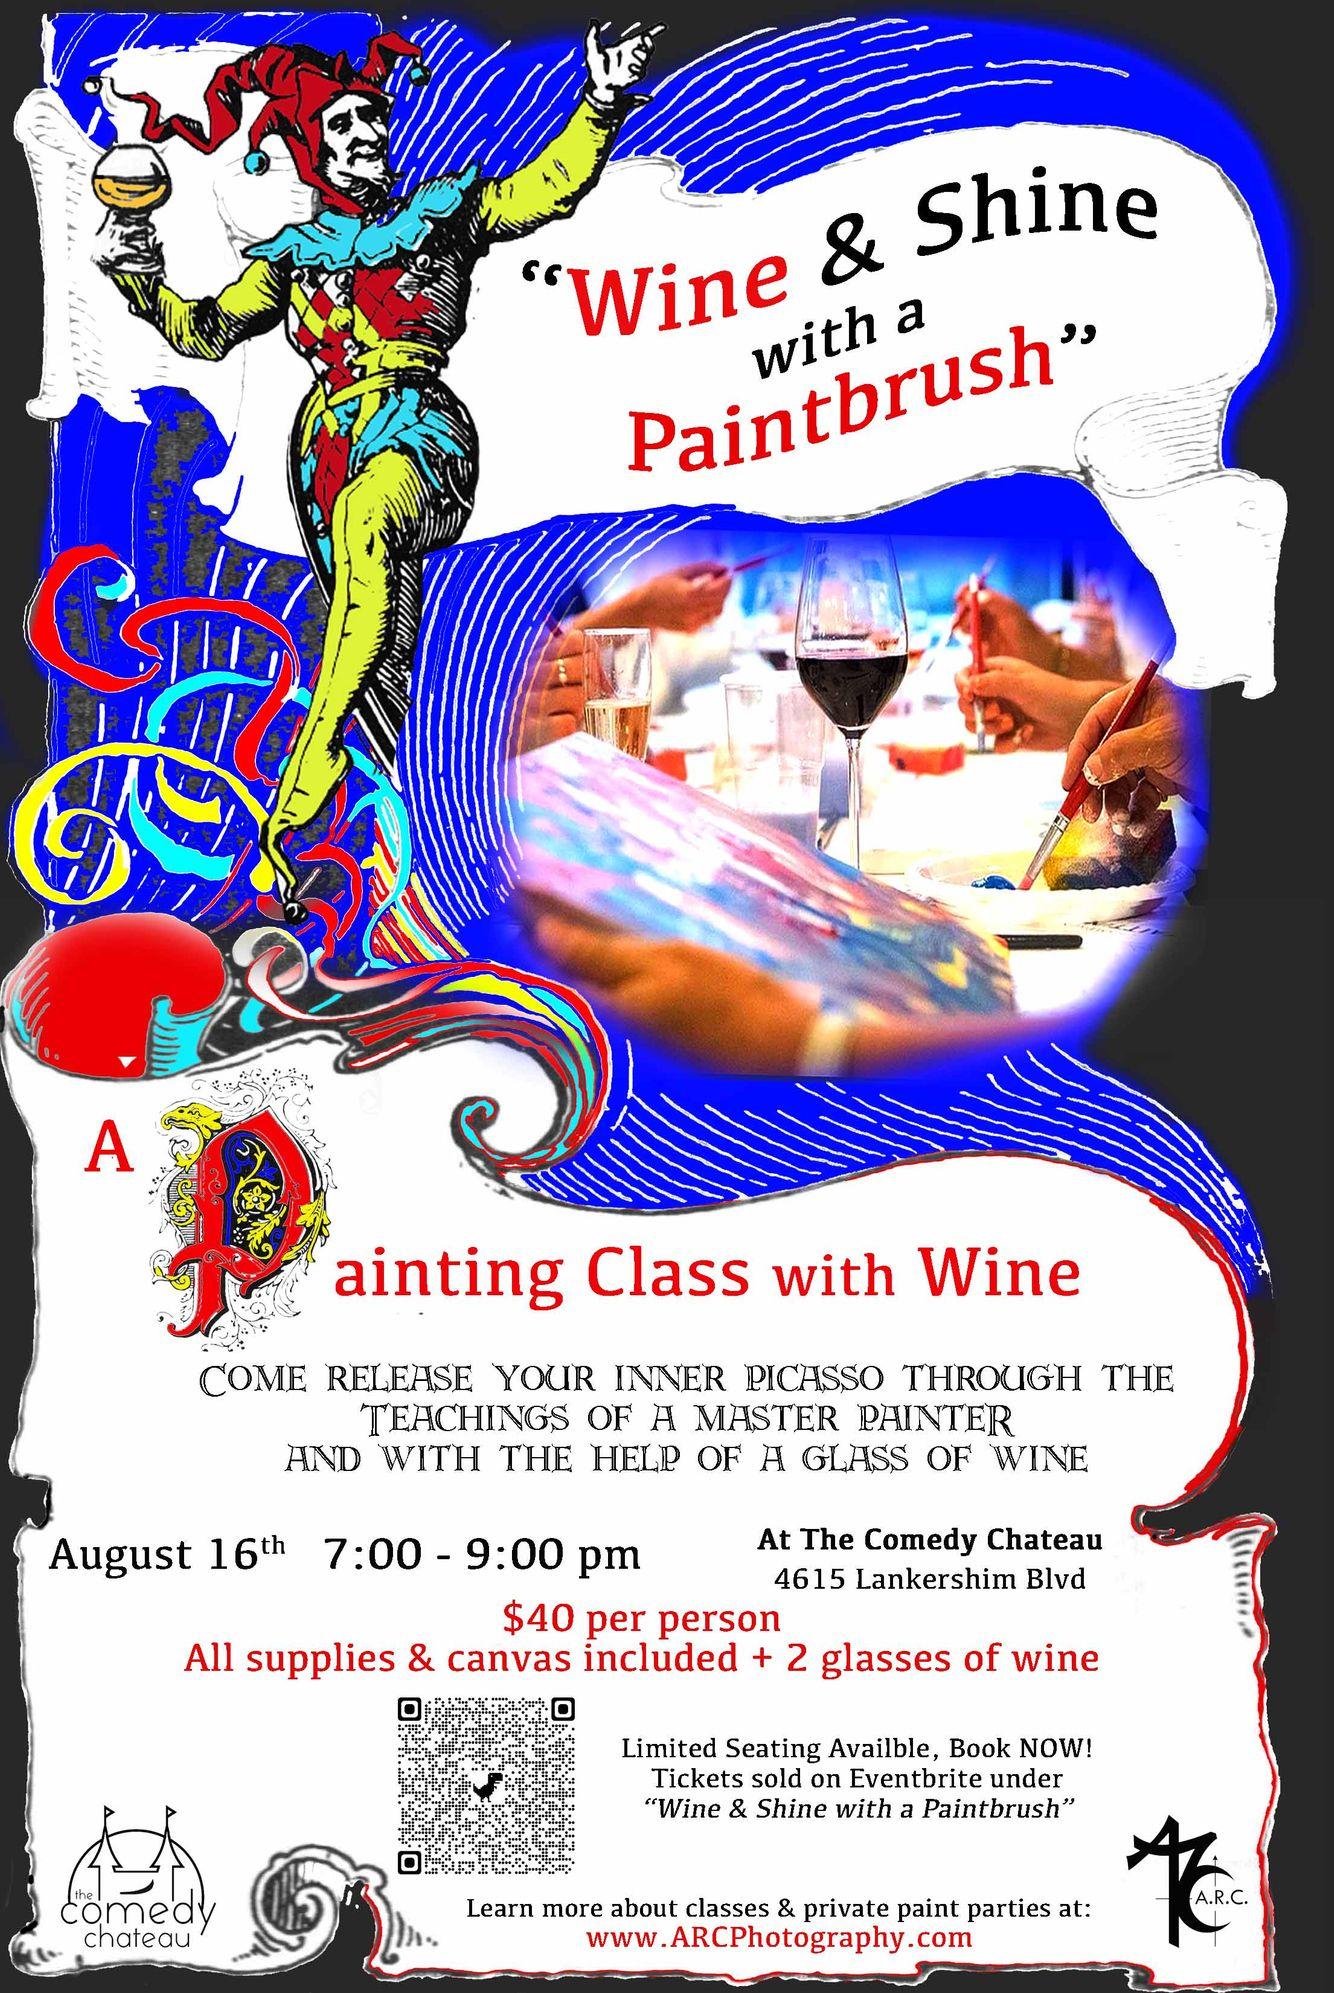 Wine-and-Shine-Classes.jpg